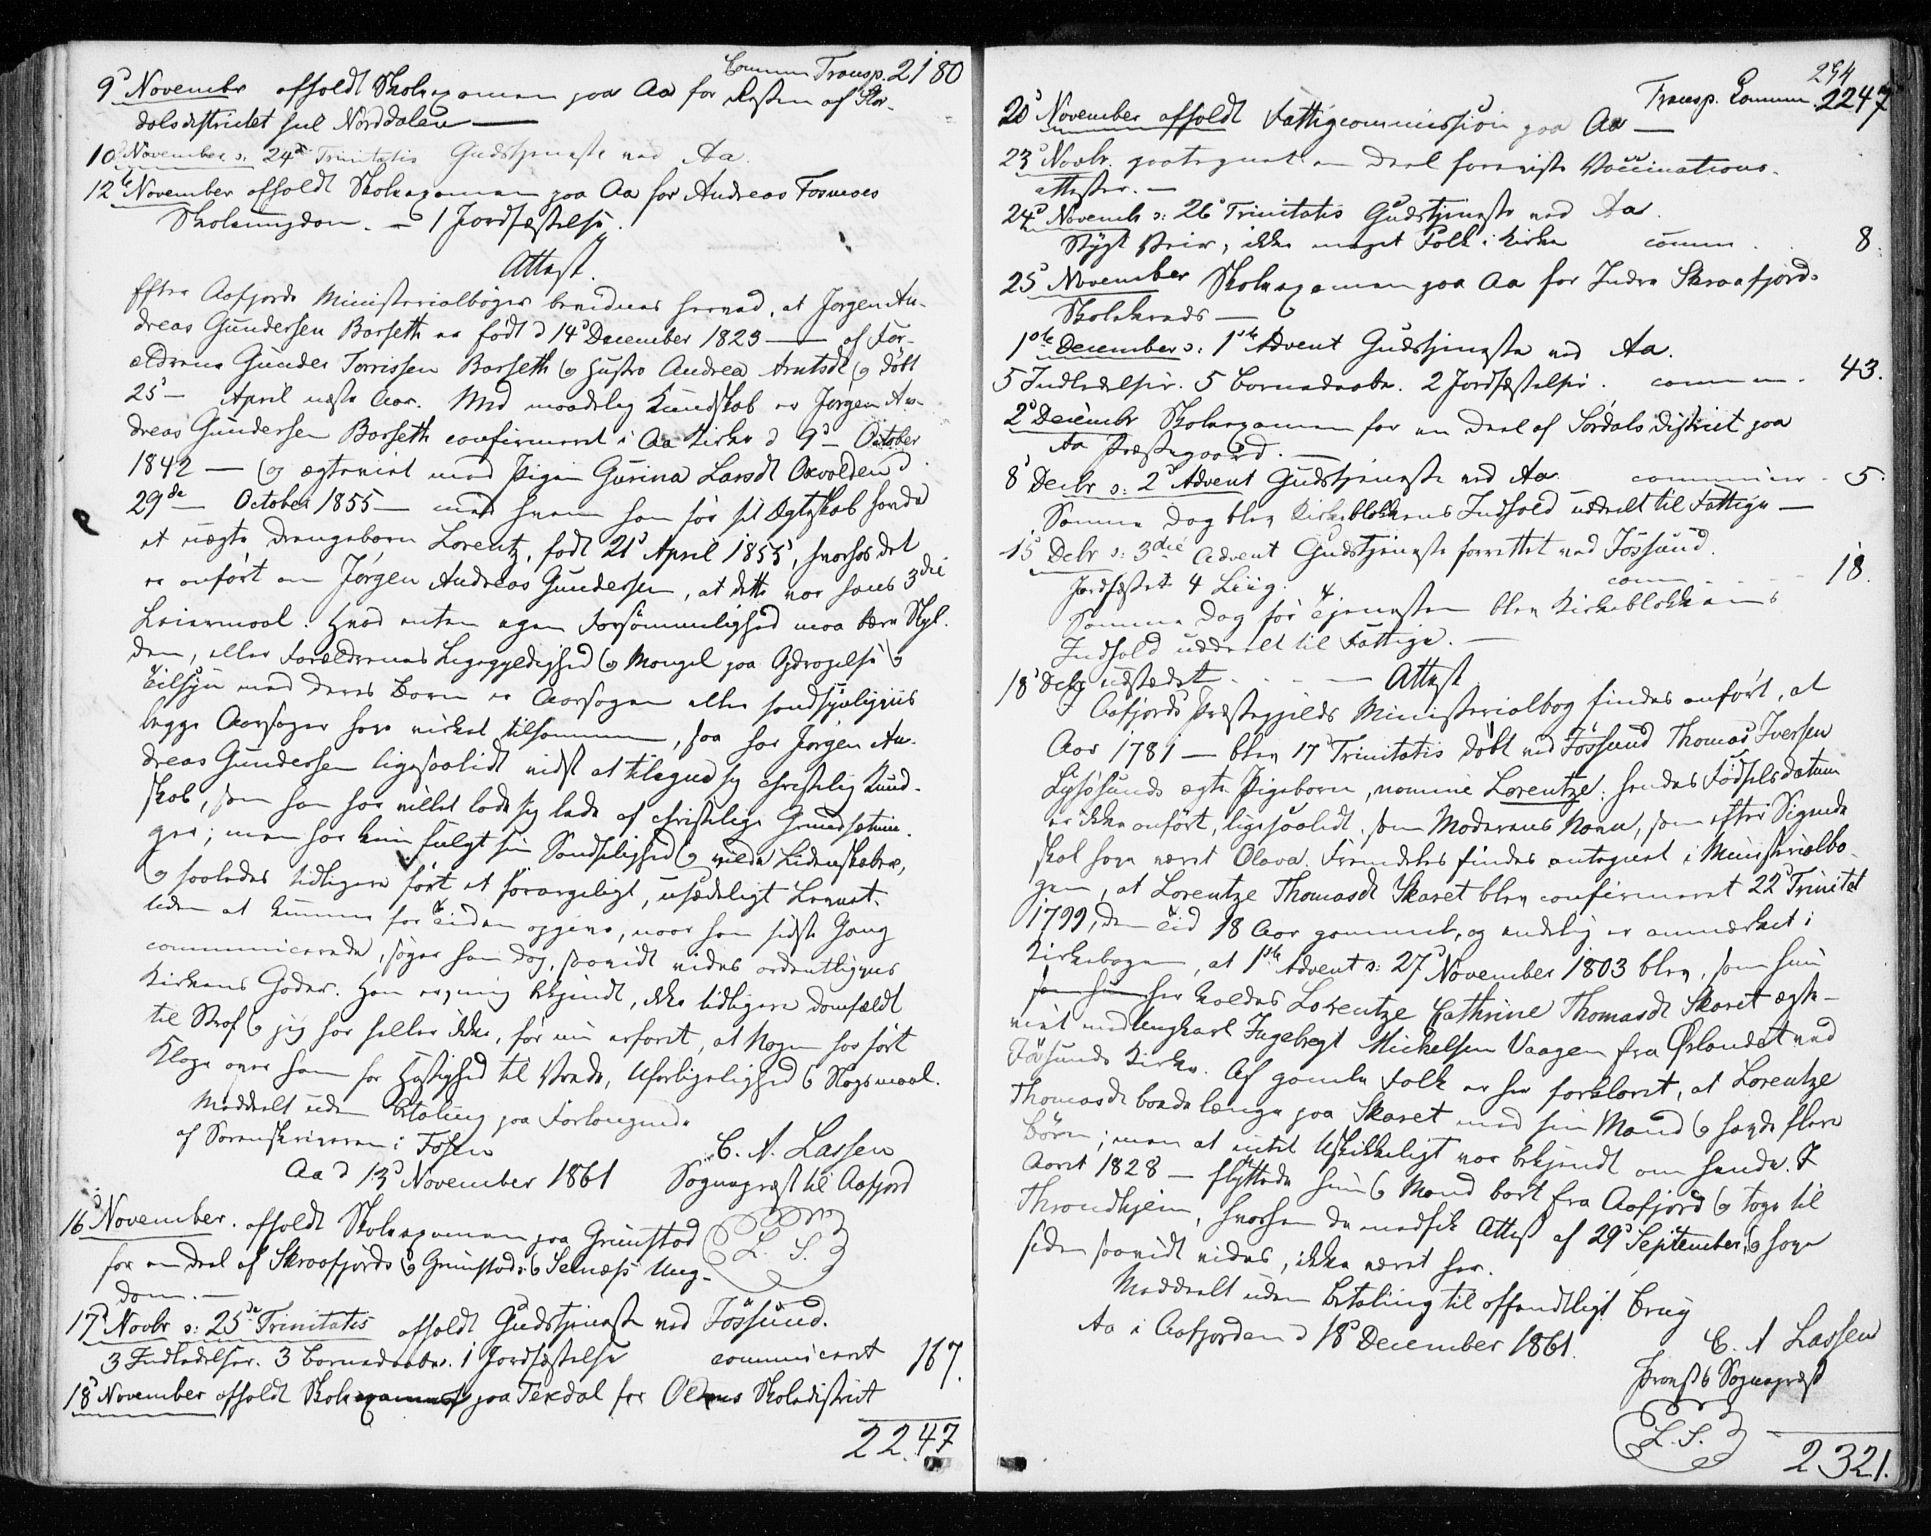 SAT, Ministerialprotokoller, klokkerbøker og fødselsregistre - Sør-Trøndelag, 655/L0678: Ministerialbok nr. 655A07, 1861-1873, s. 294